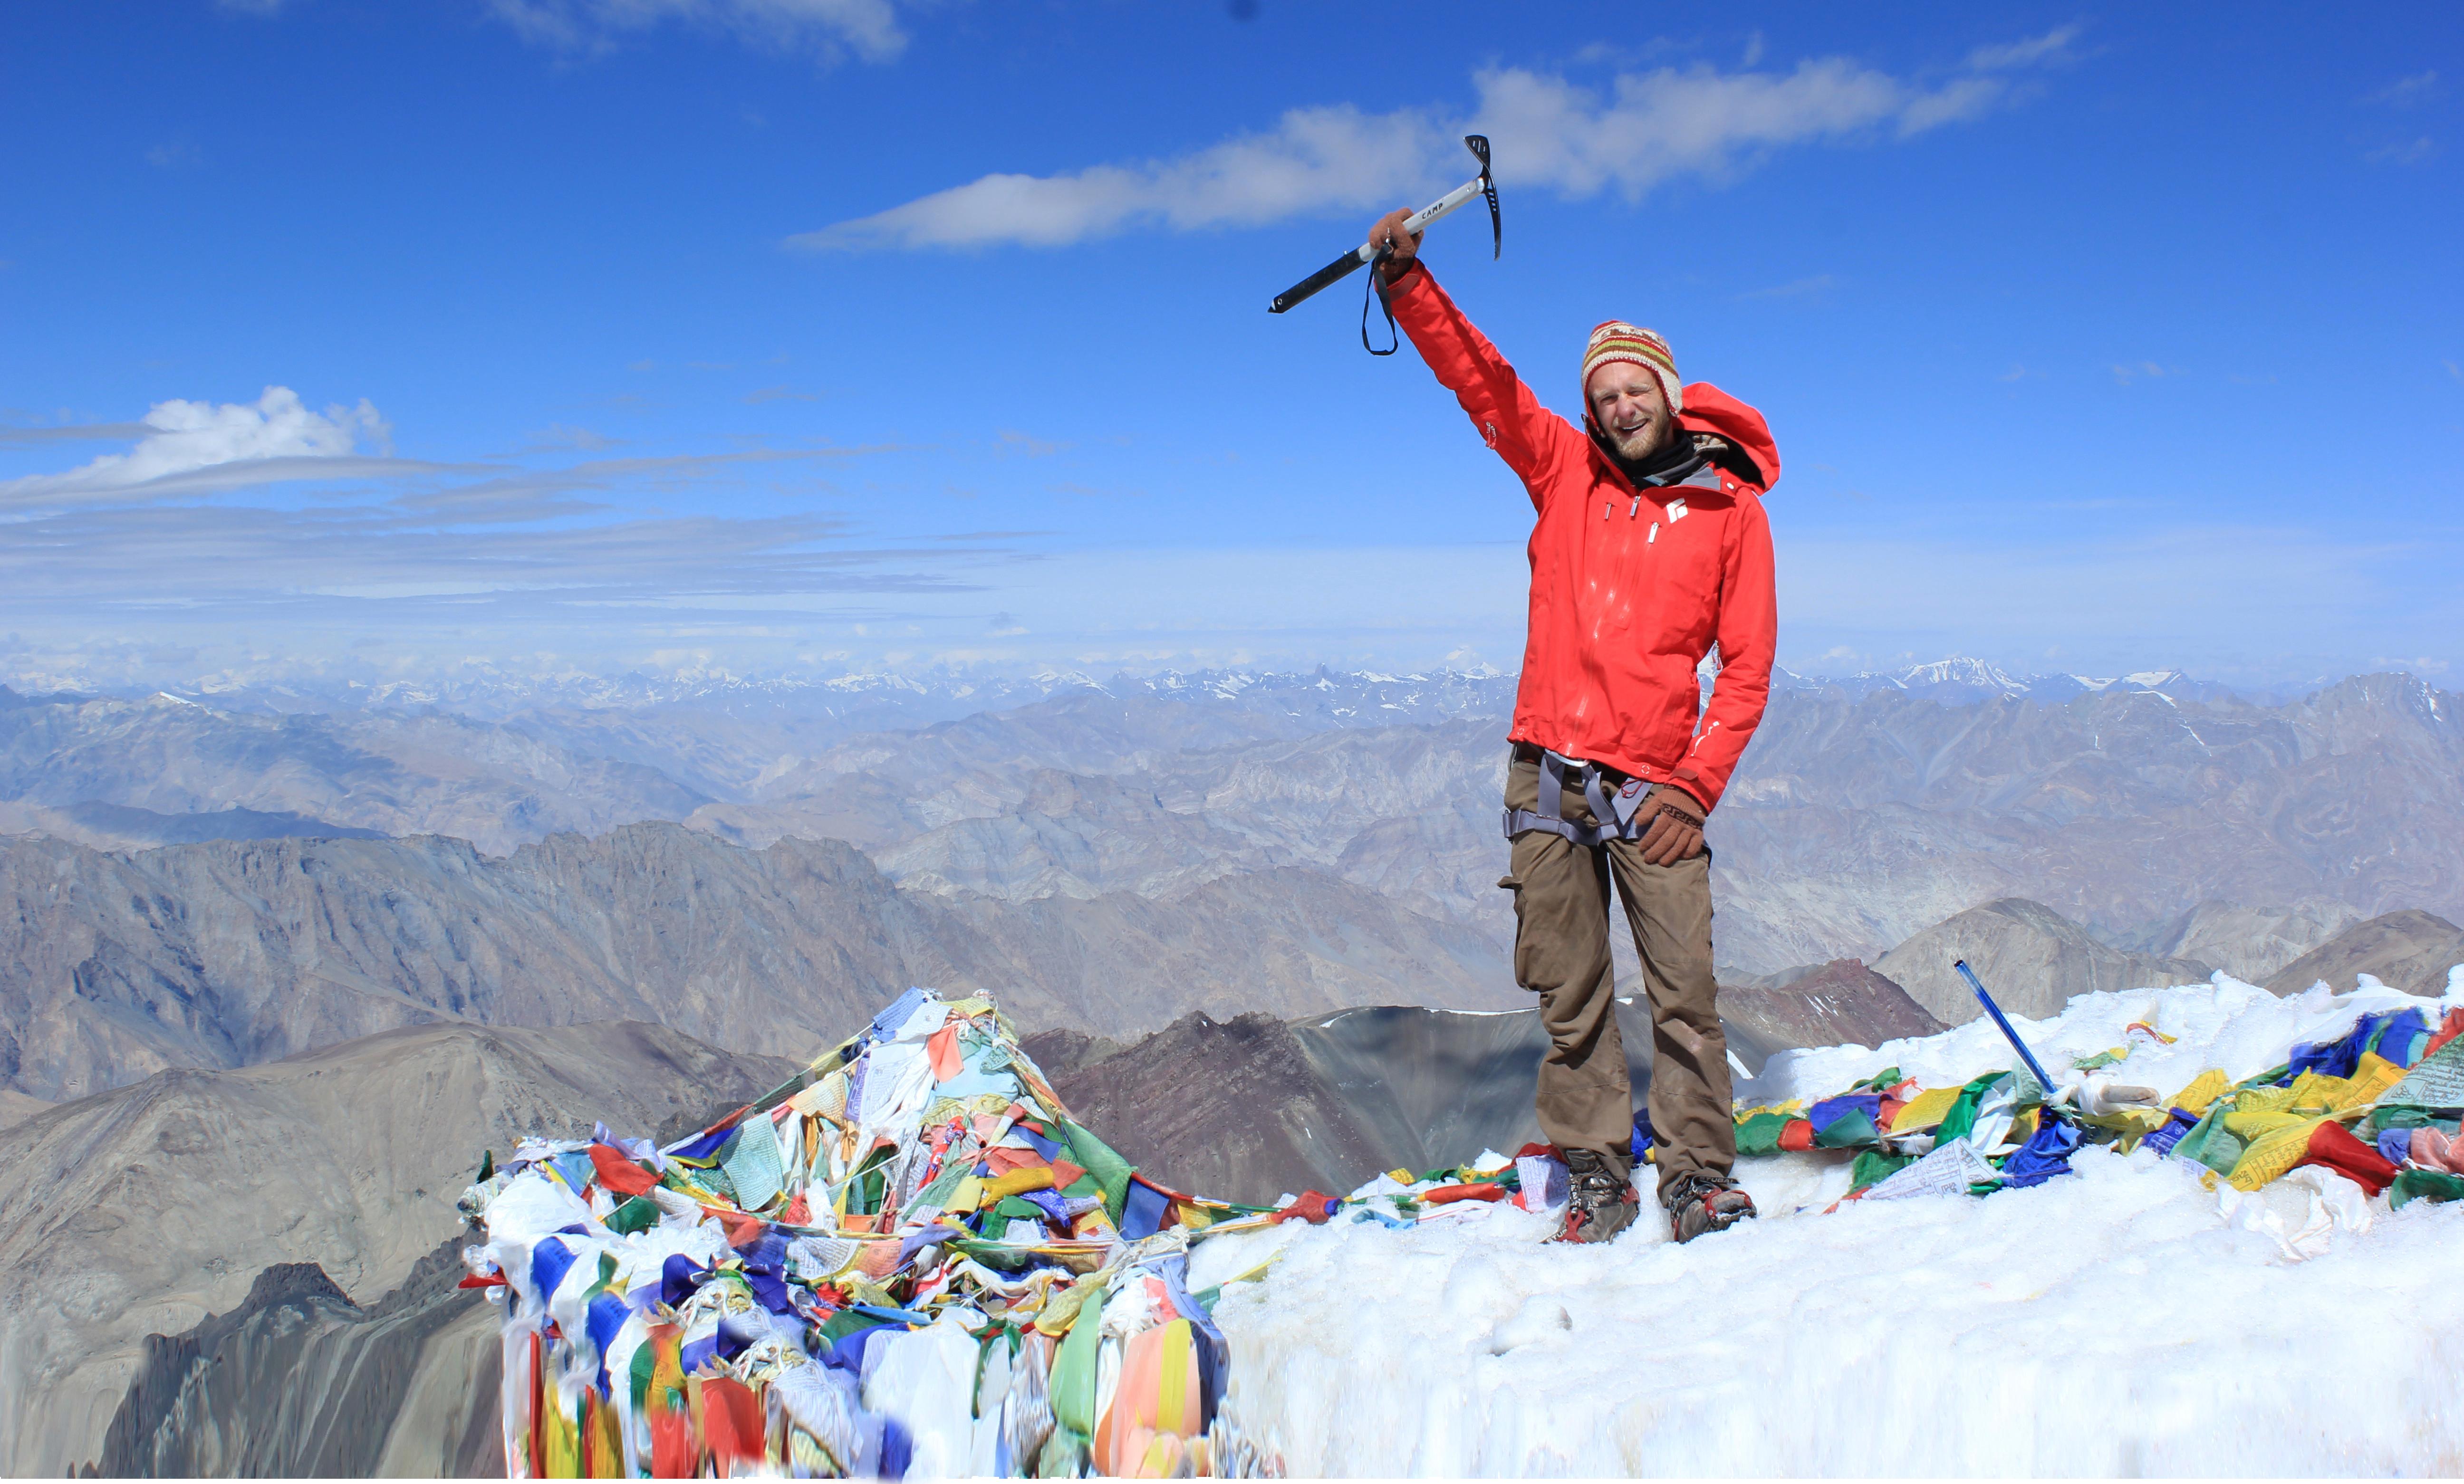 Bjergbestiger på toppen af Stok Kangri